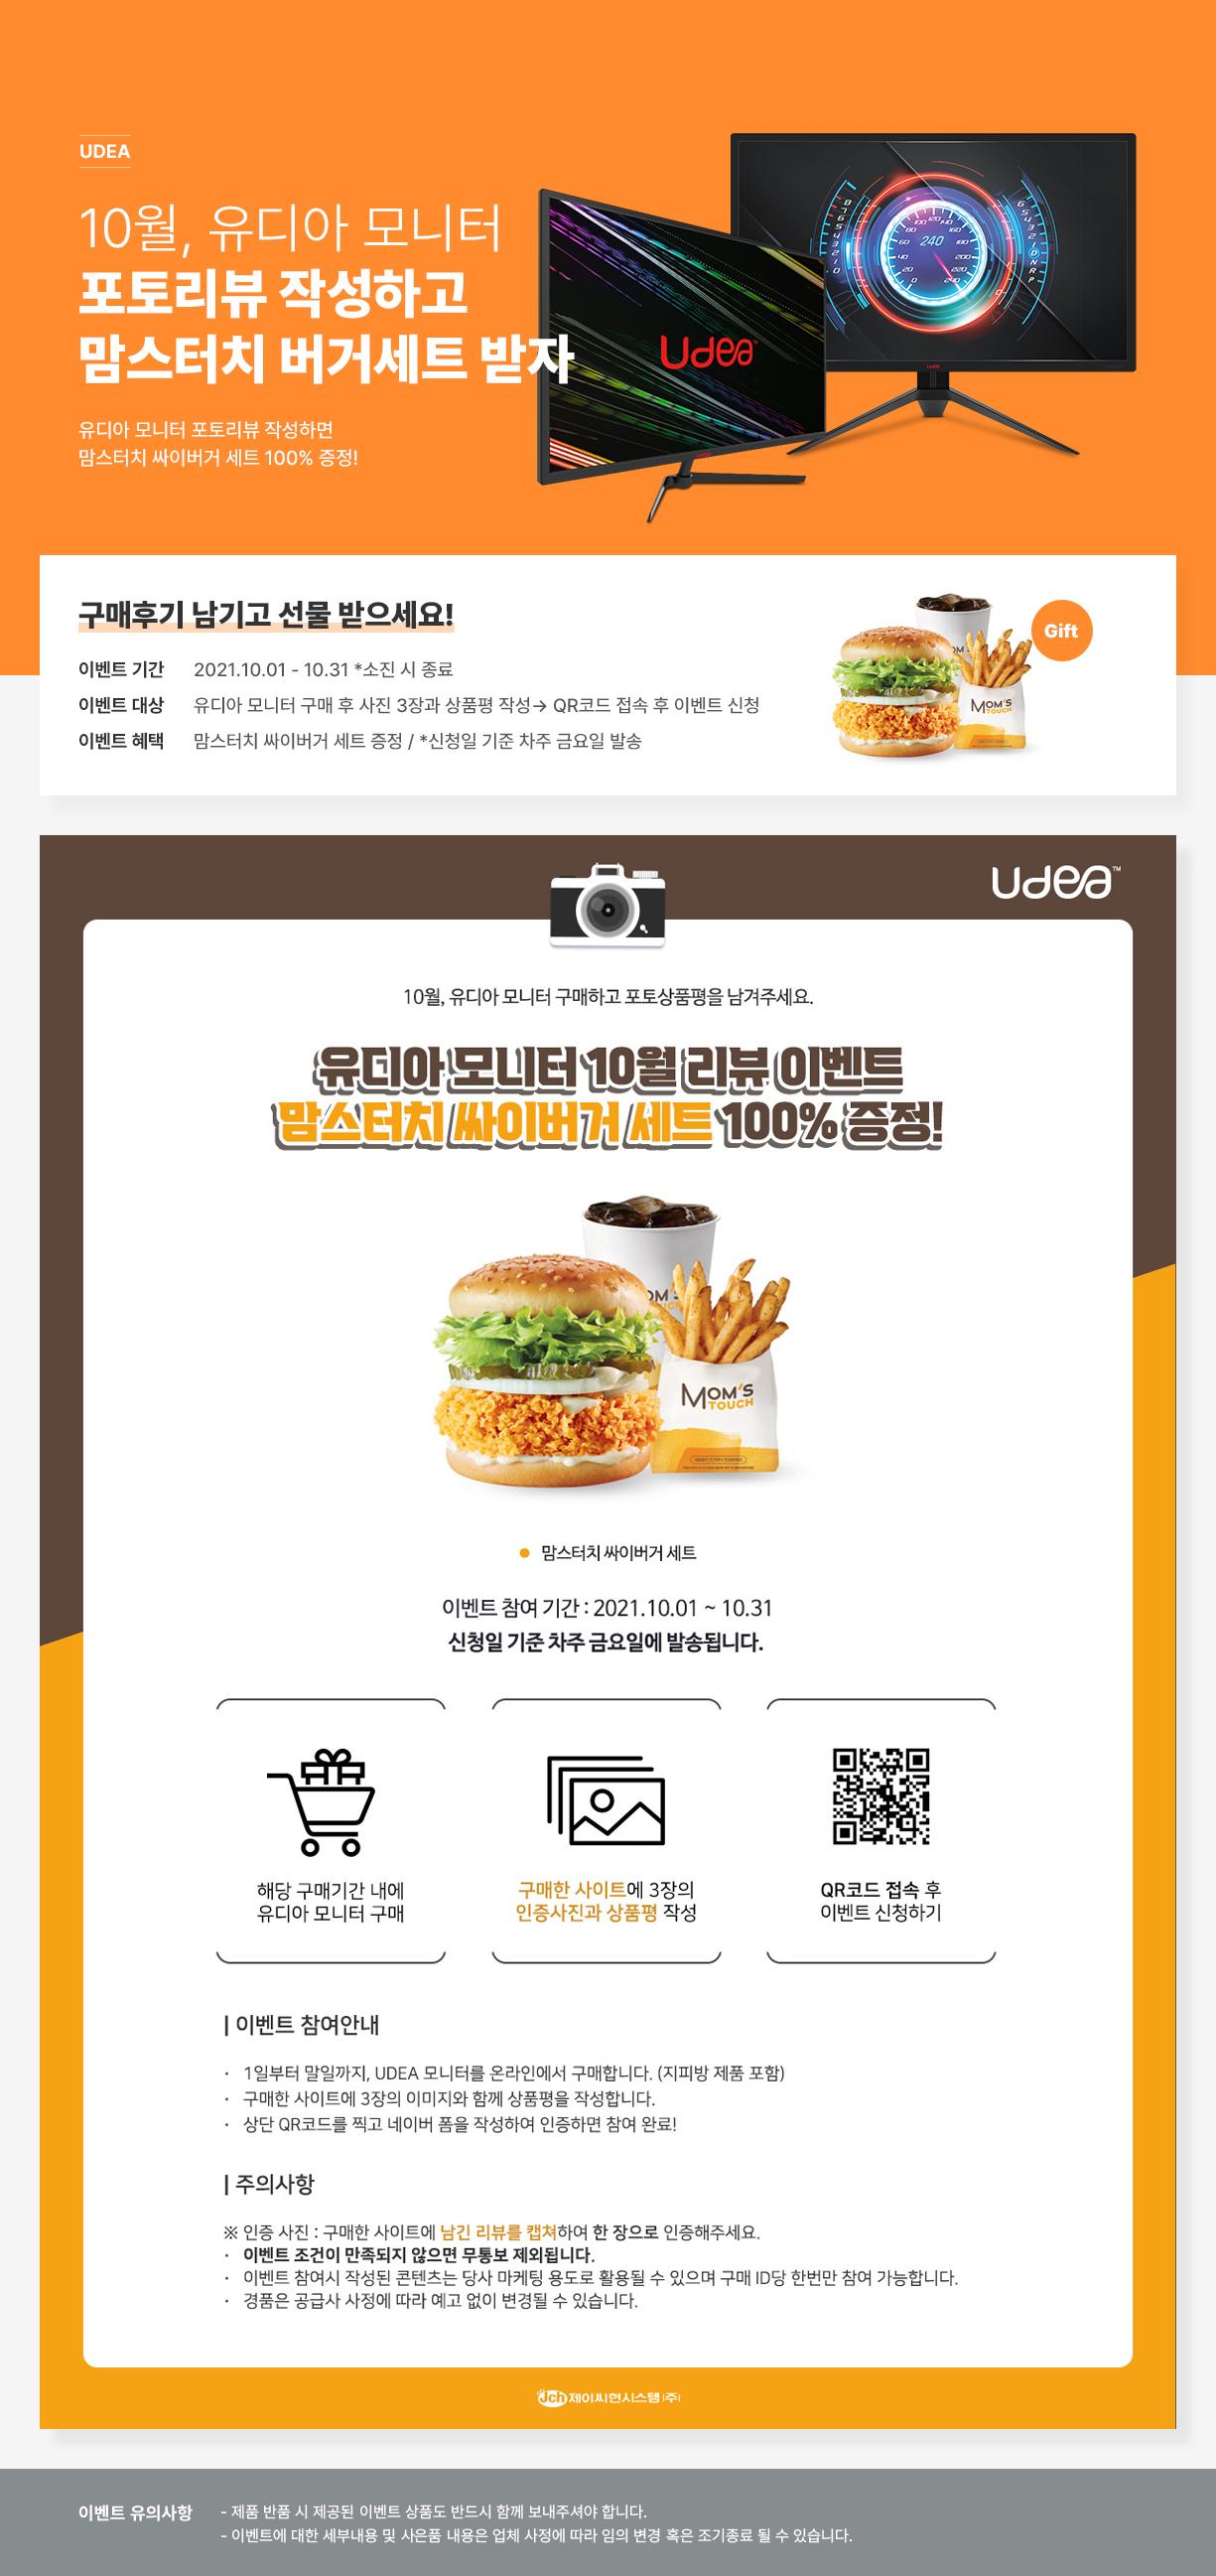 60736_유디아_구매후기.jpg